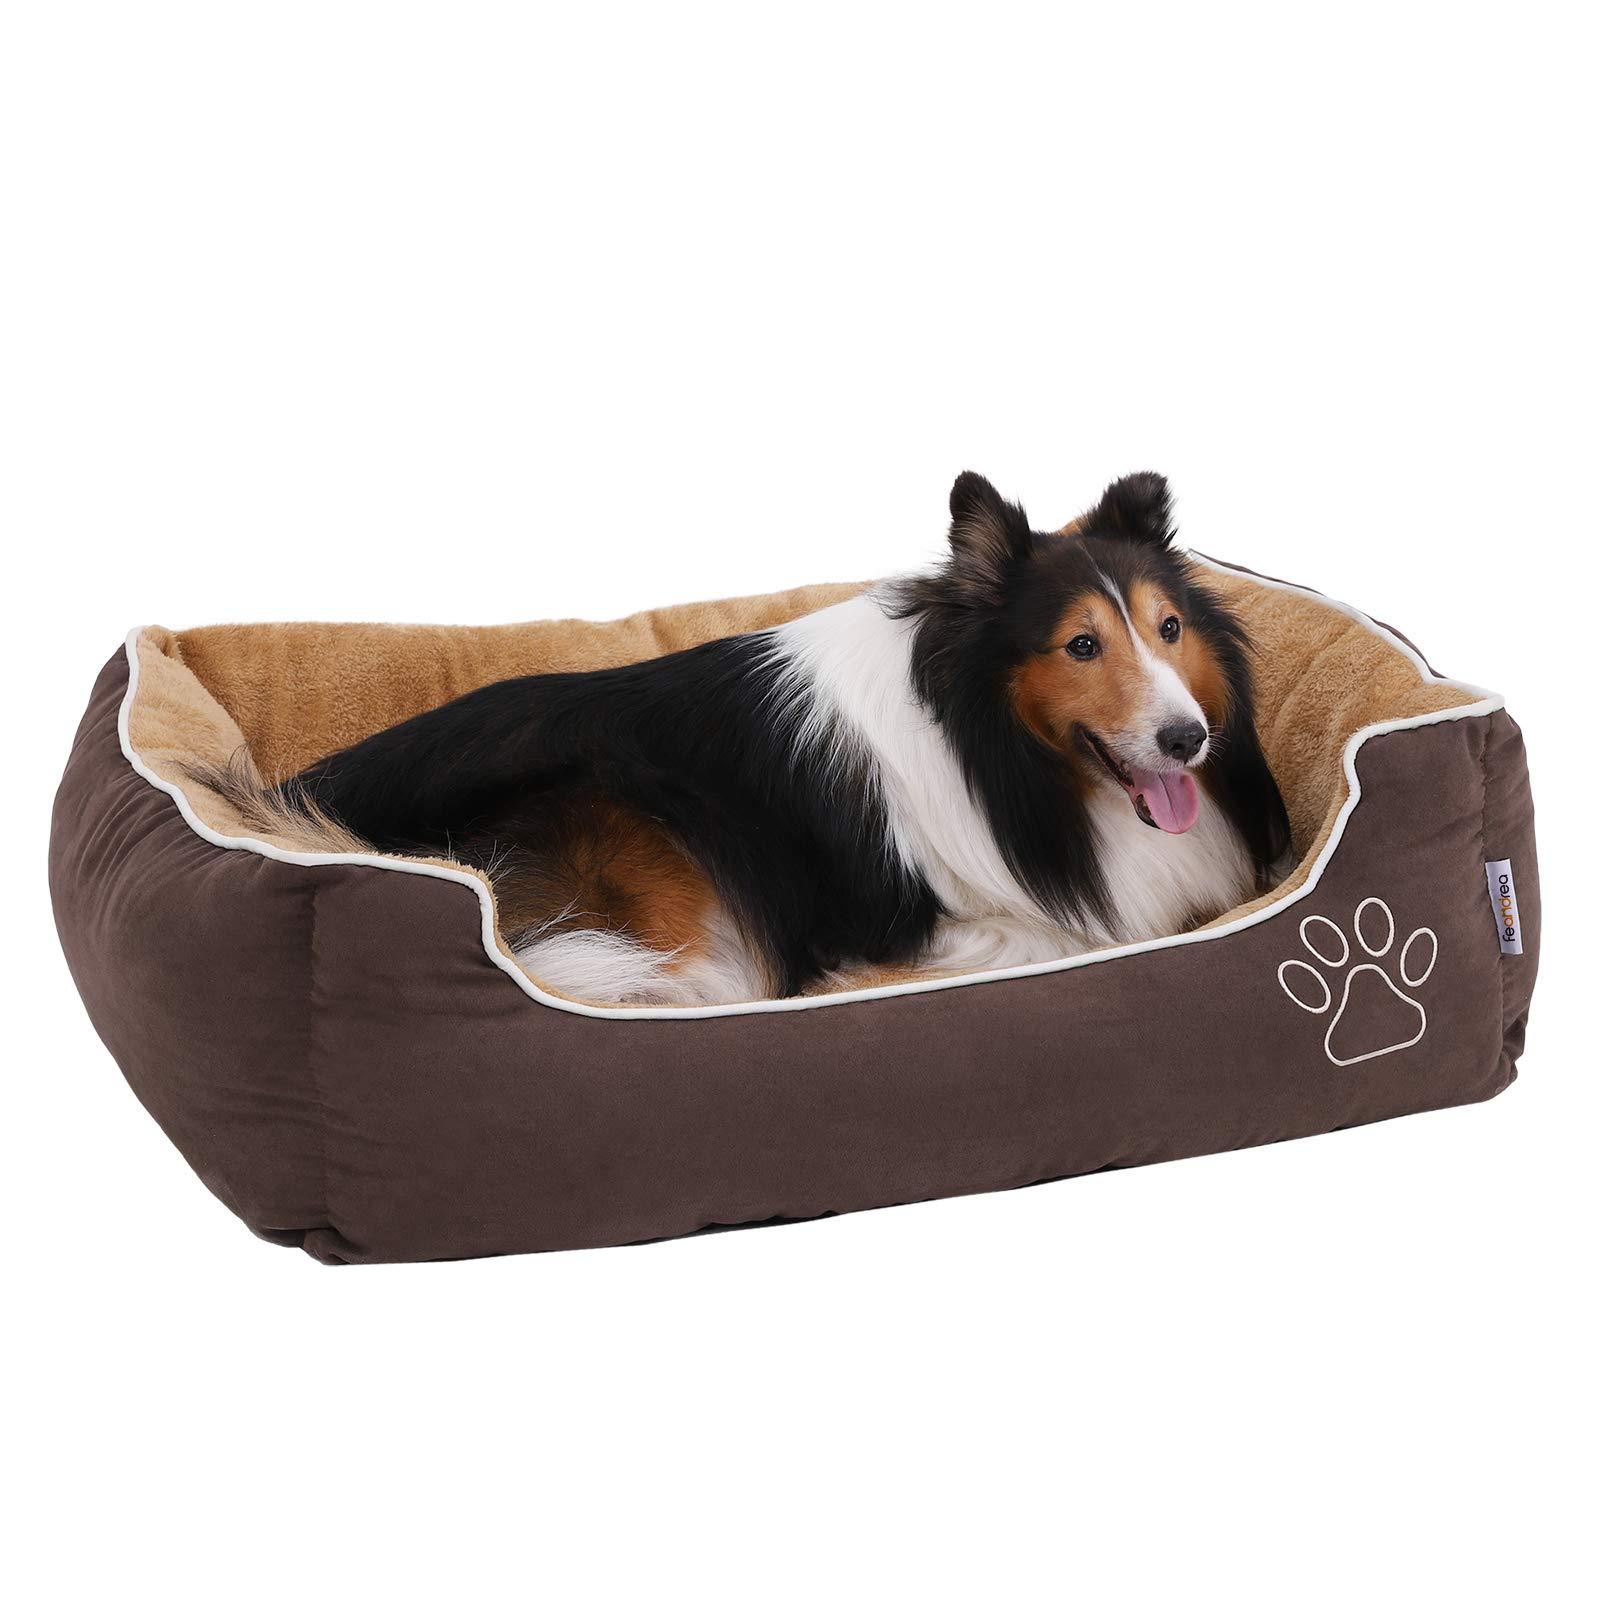 FEANDREA Cama para Perros, Sofá para Perros, Cesta para Perro con cojín extraíble,